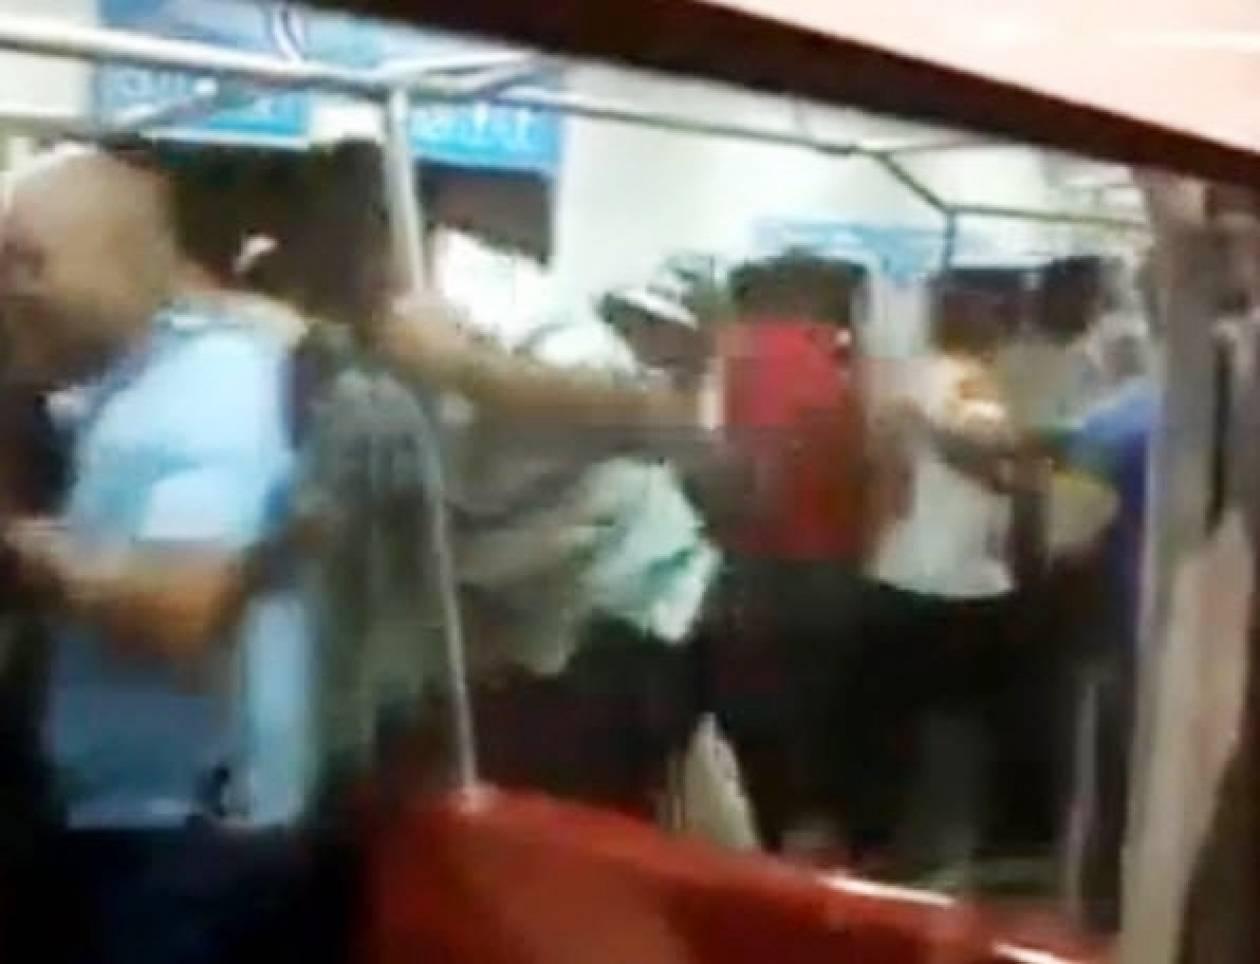 Δείτε μια πραγματική μάχη για μια θέση στο μετρό! (βίντεο)